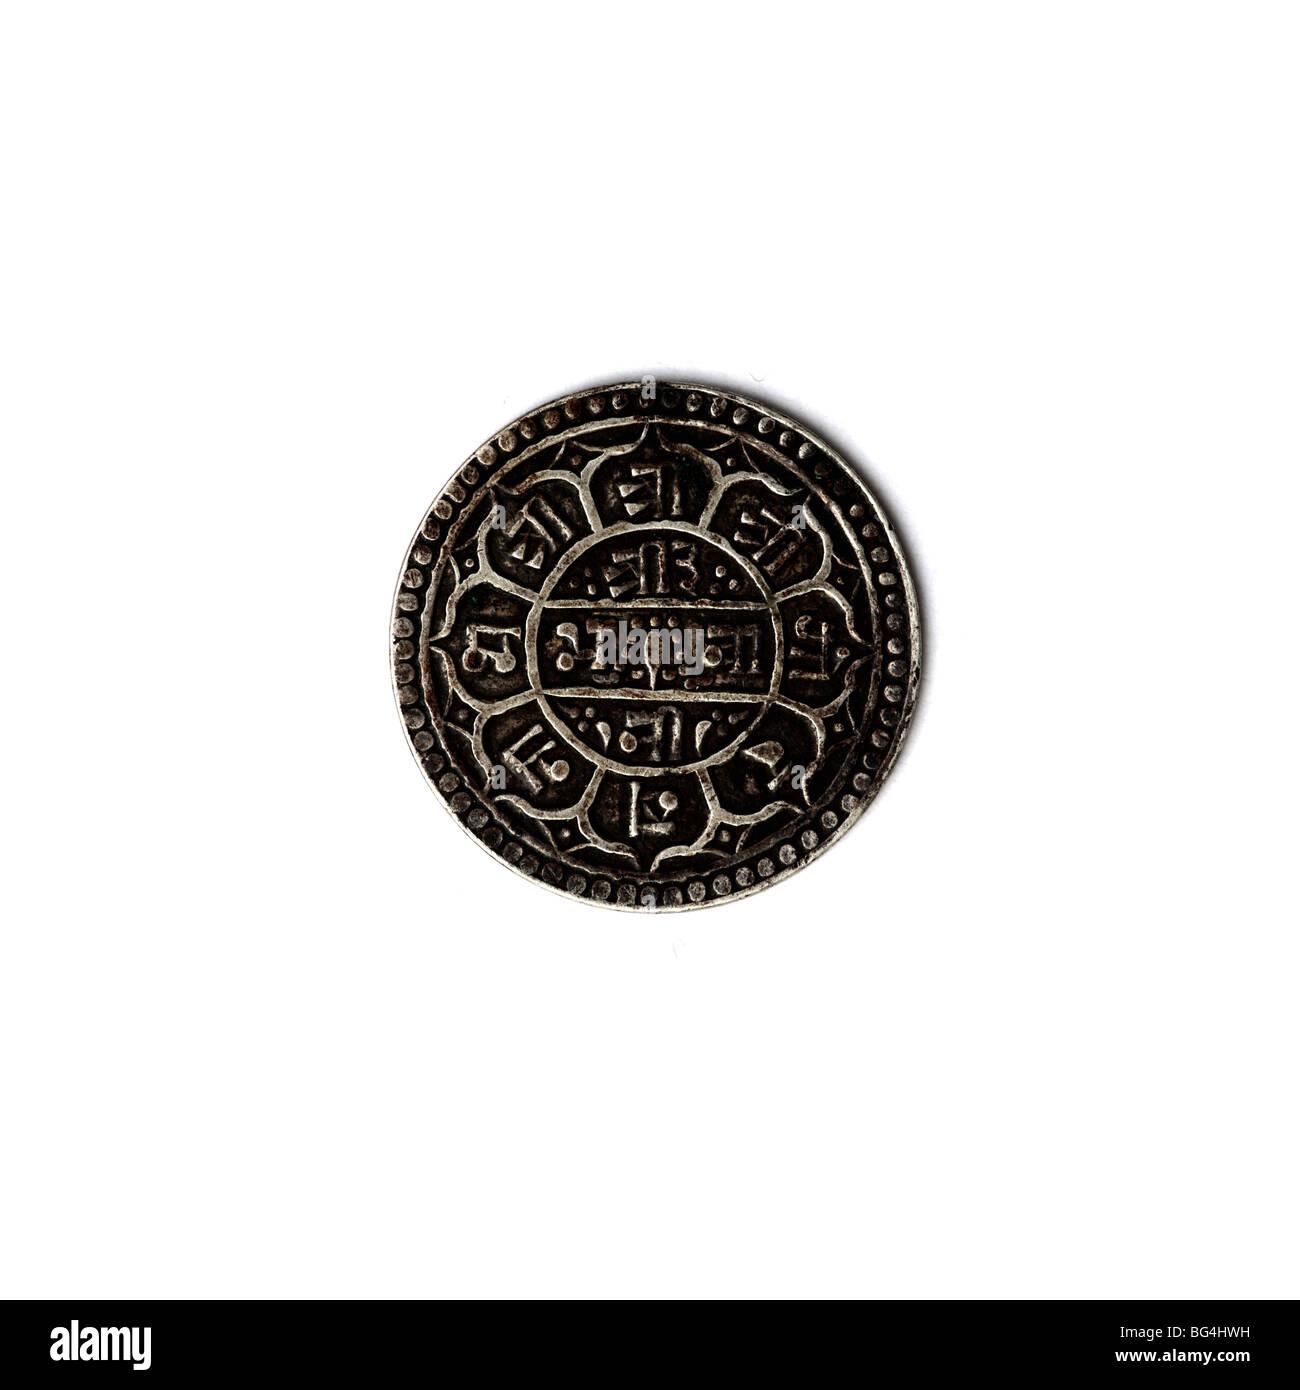 Tibetan coin - Stock Image